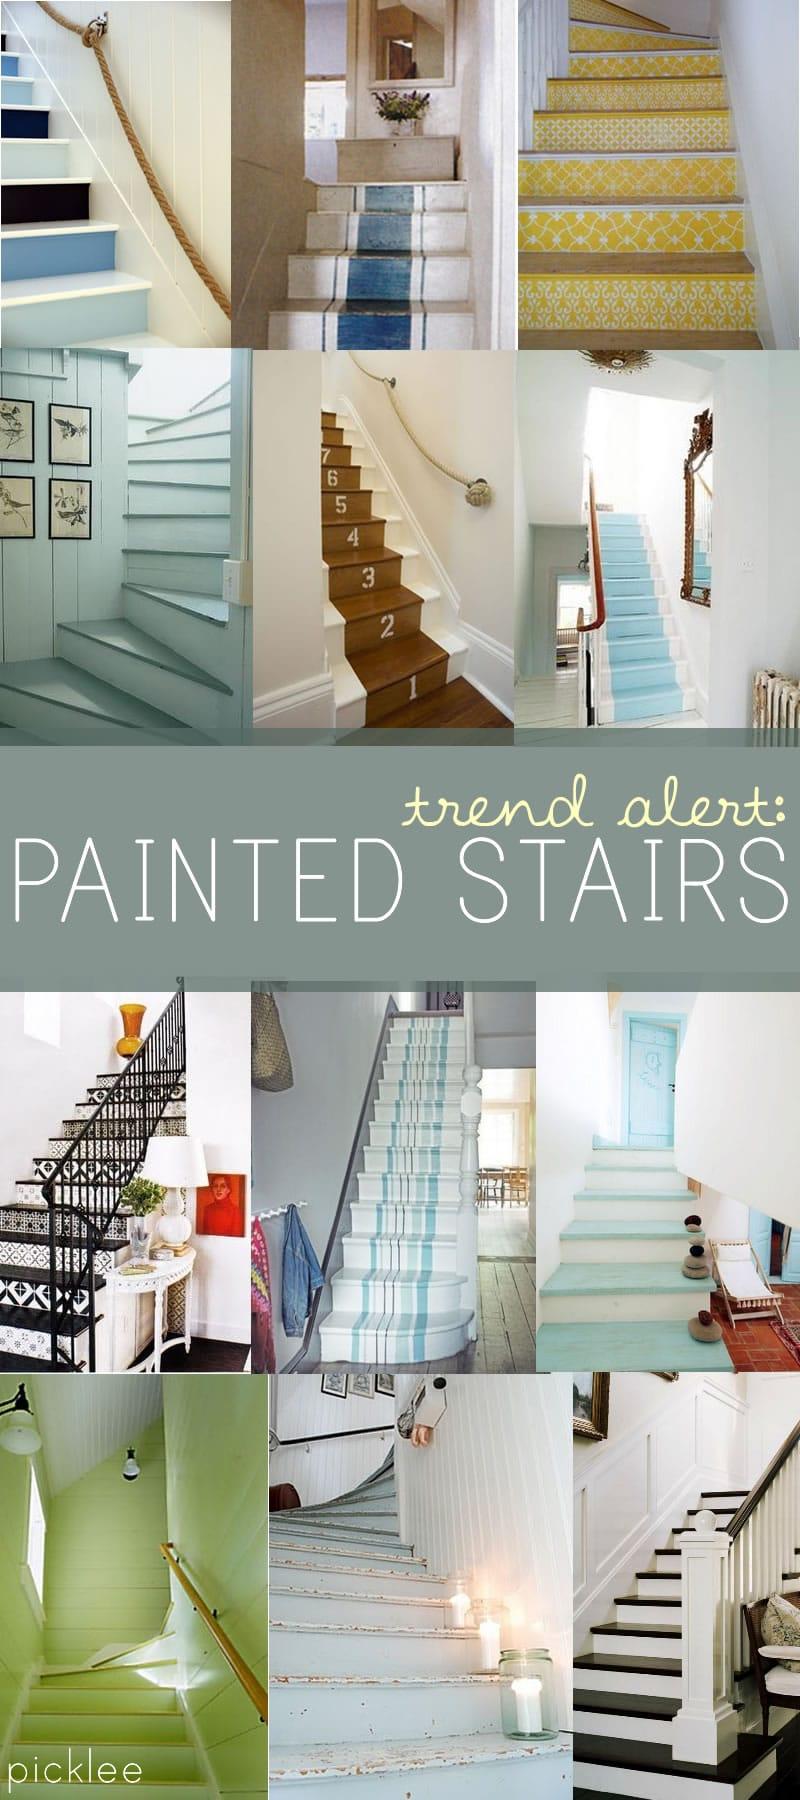 painted-stairs-diy-tutorial